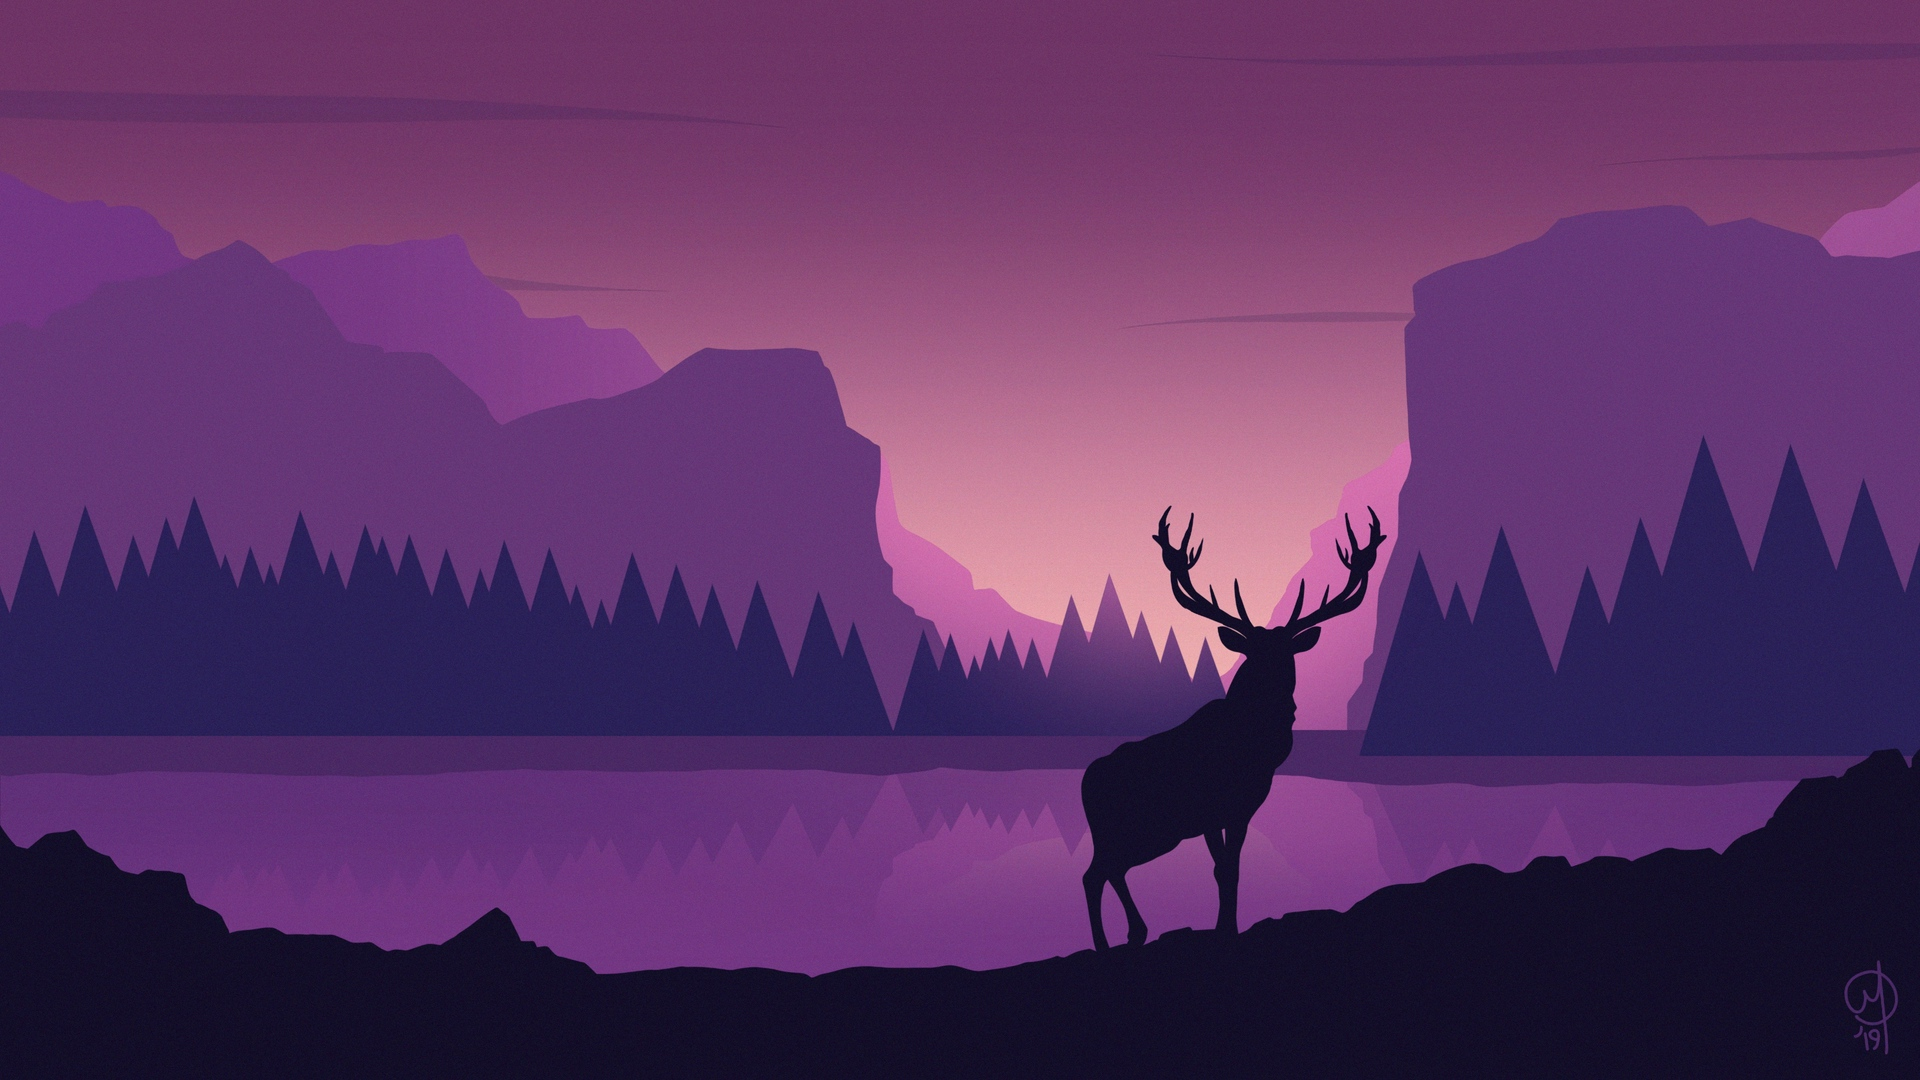 deer_art_vector_134088_1920x1080